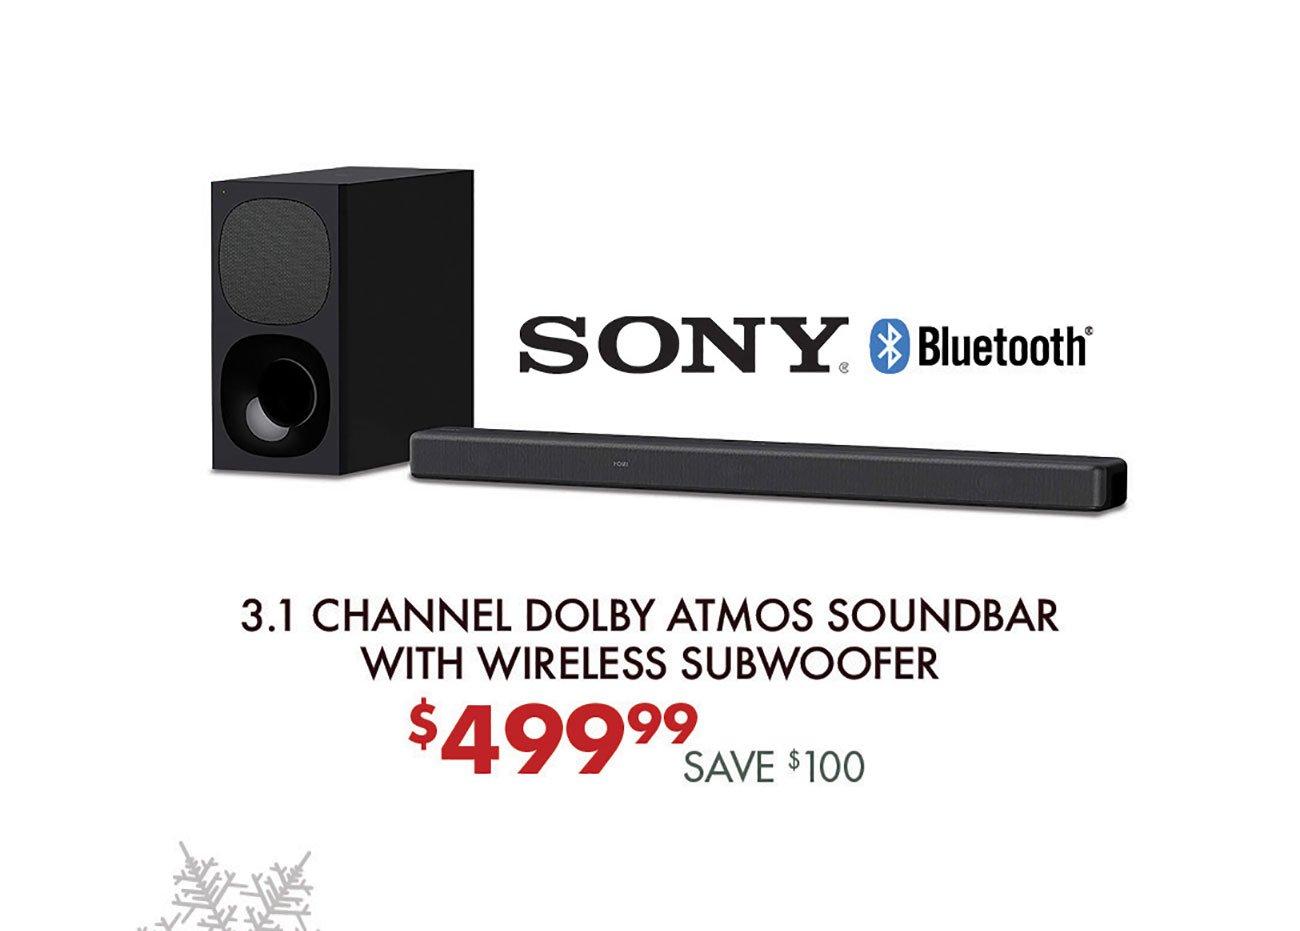 Sony-Dolby-Atmos-Soundbar-Subwoofer